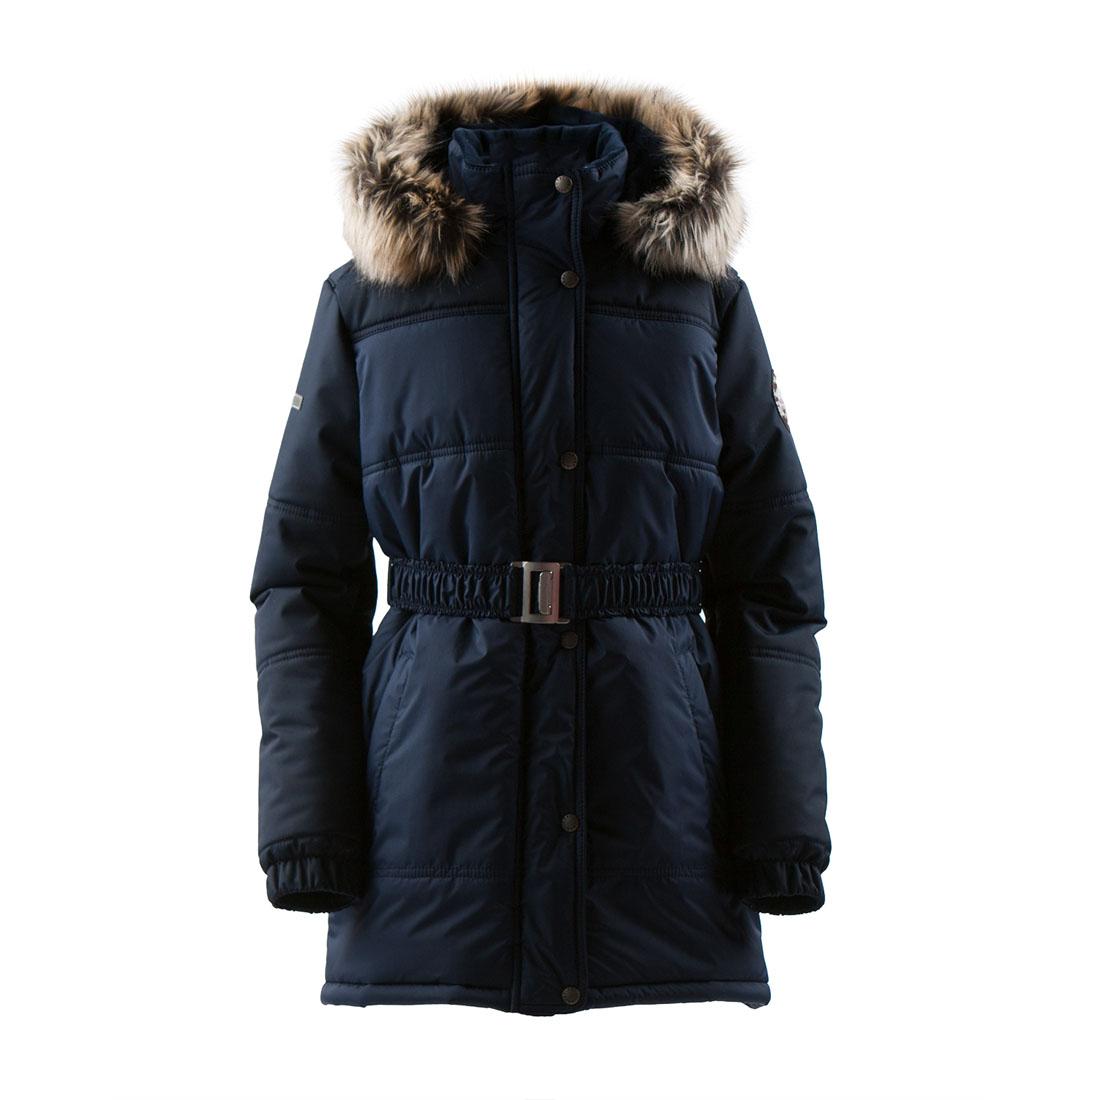 Купить Куртка для девочек KERRY GRETEL K18461, размер 158,